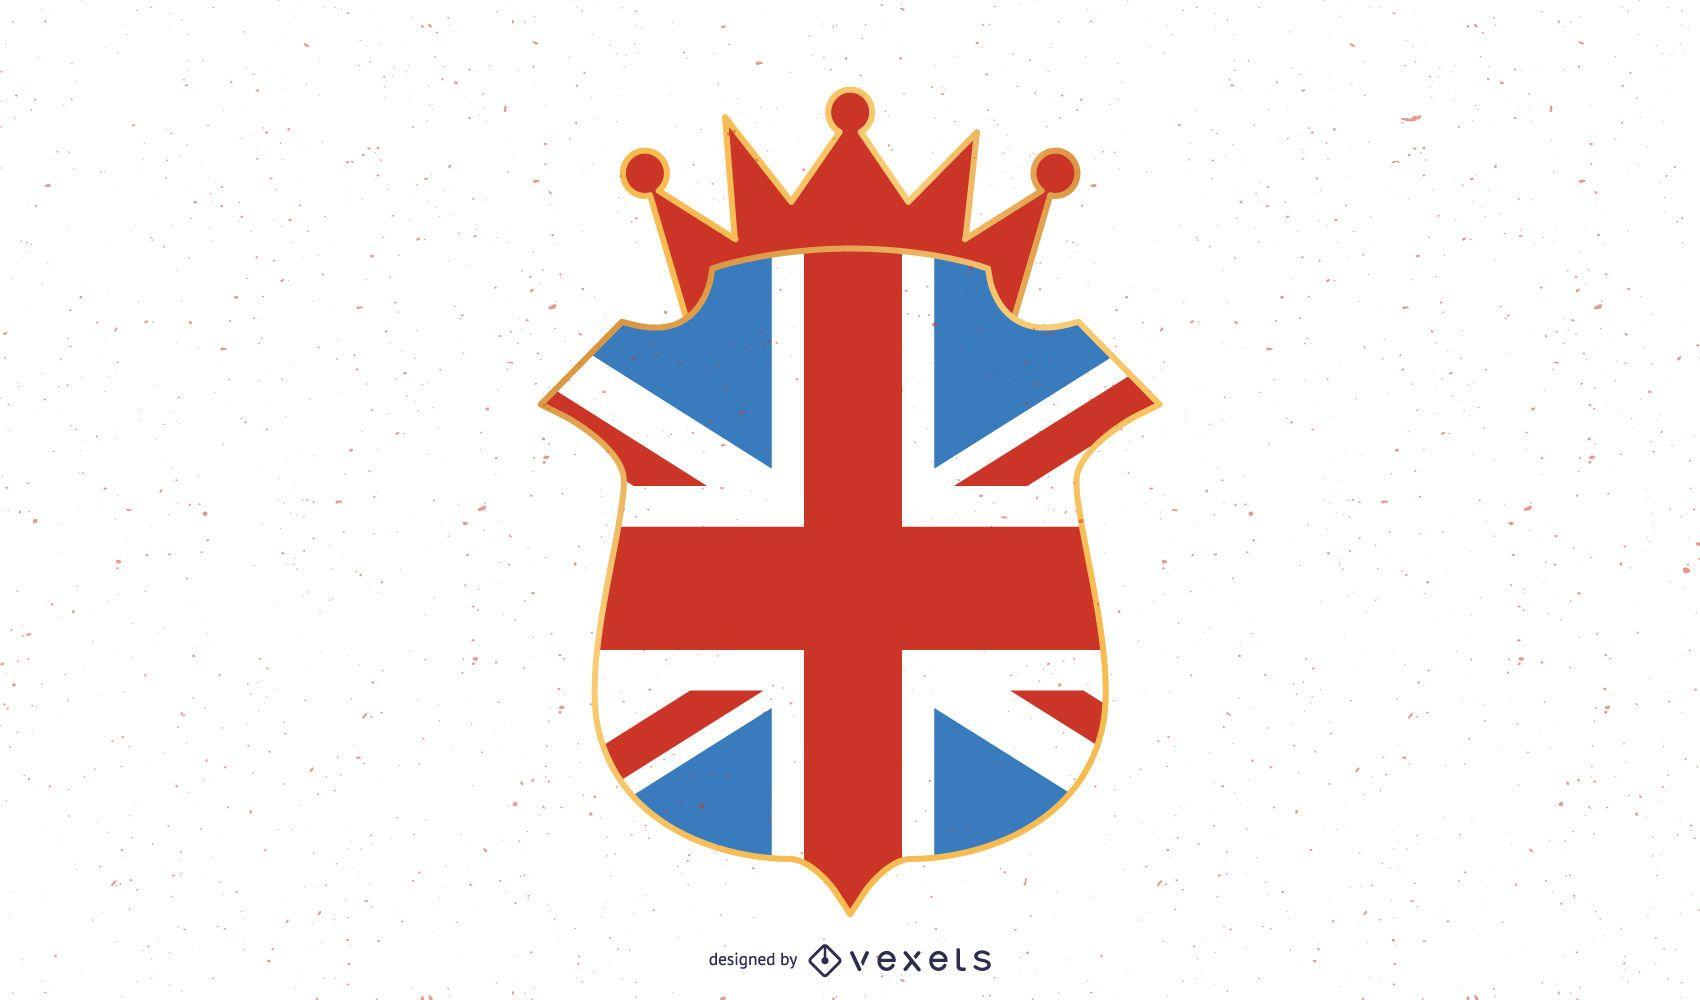 UK emblem illustration